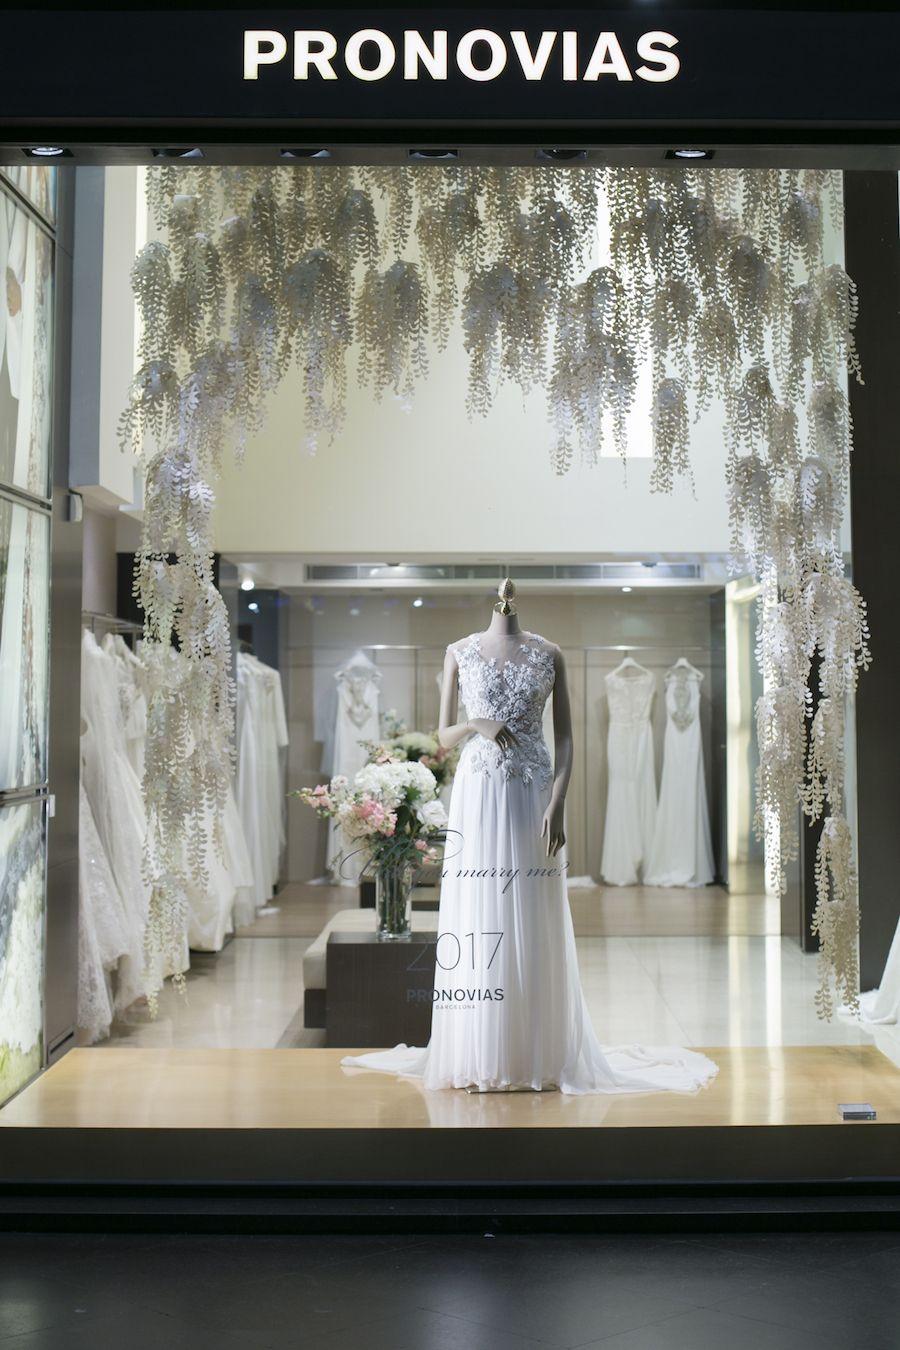 Una Visita Al Pronovias Store Di Milano Wedding Wonderland Pronovias Vetrine Interni Di Negozio